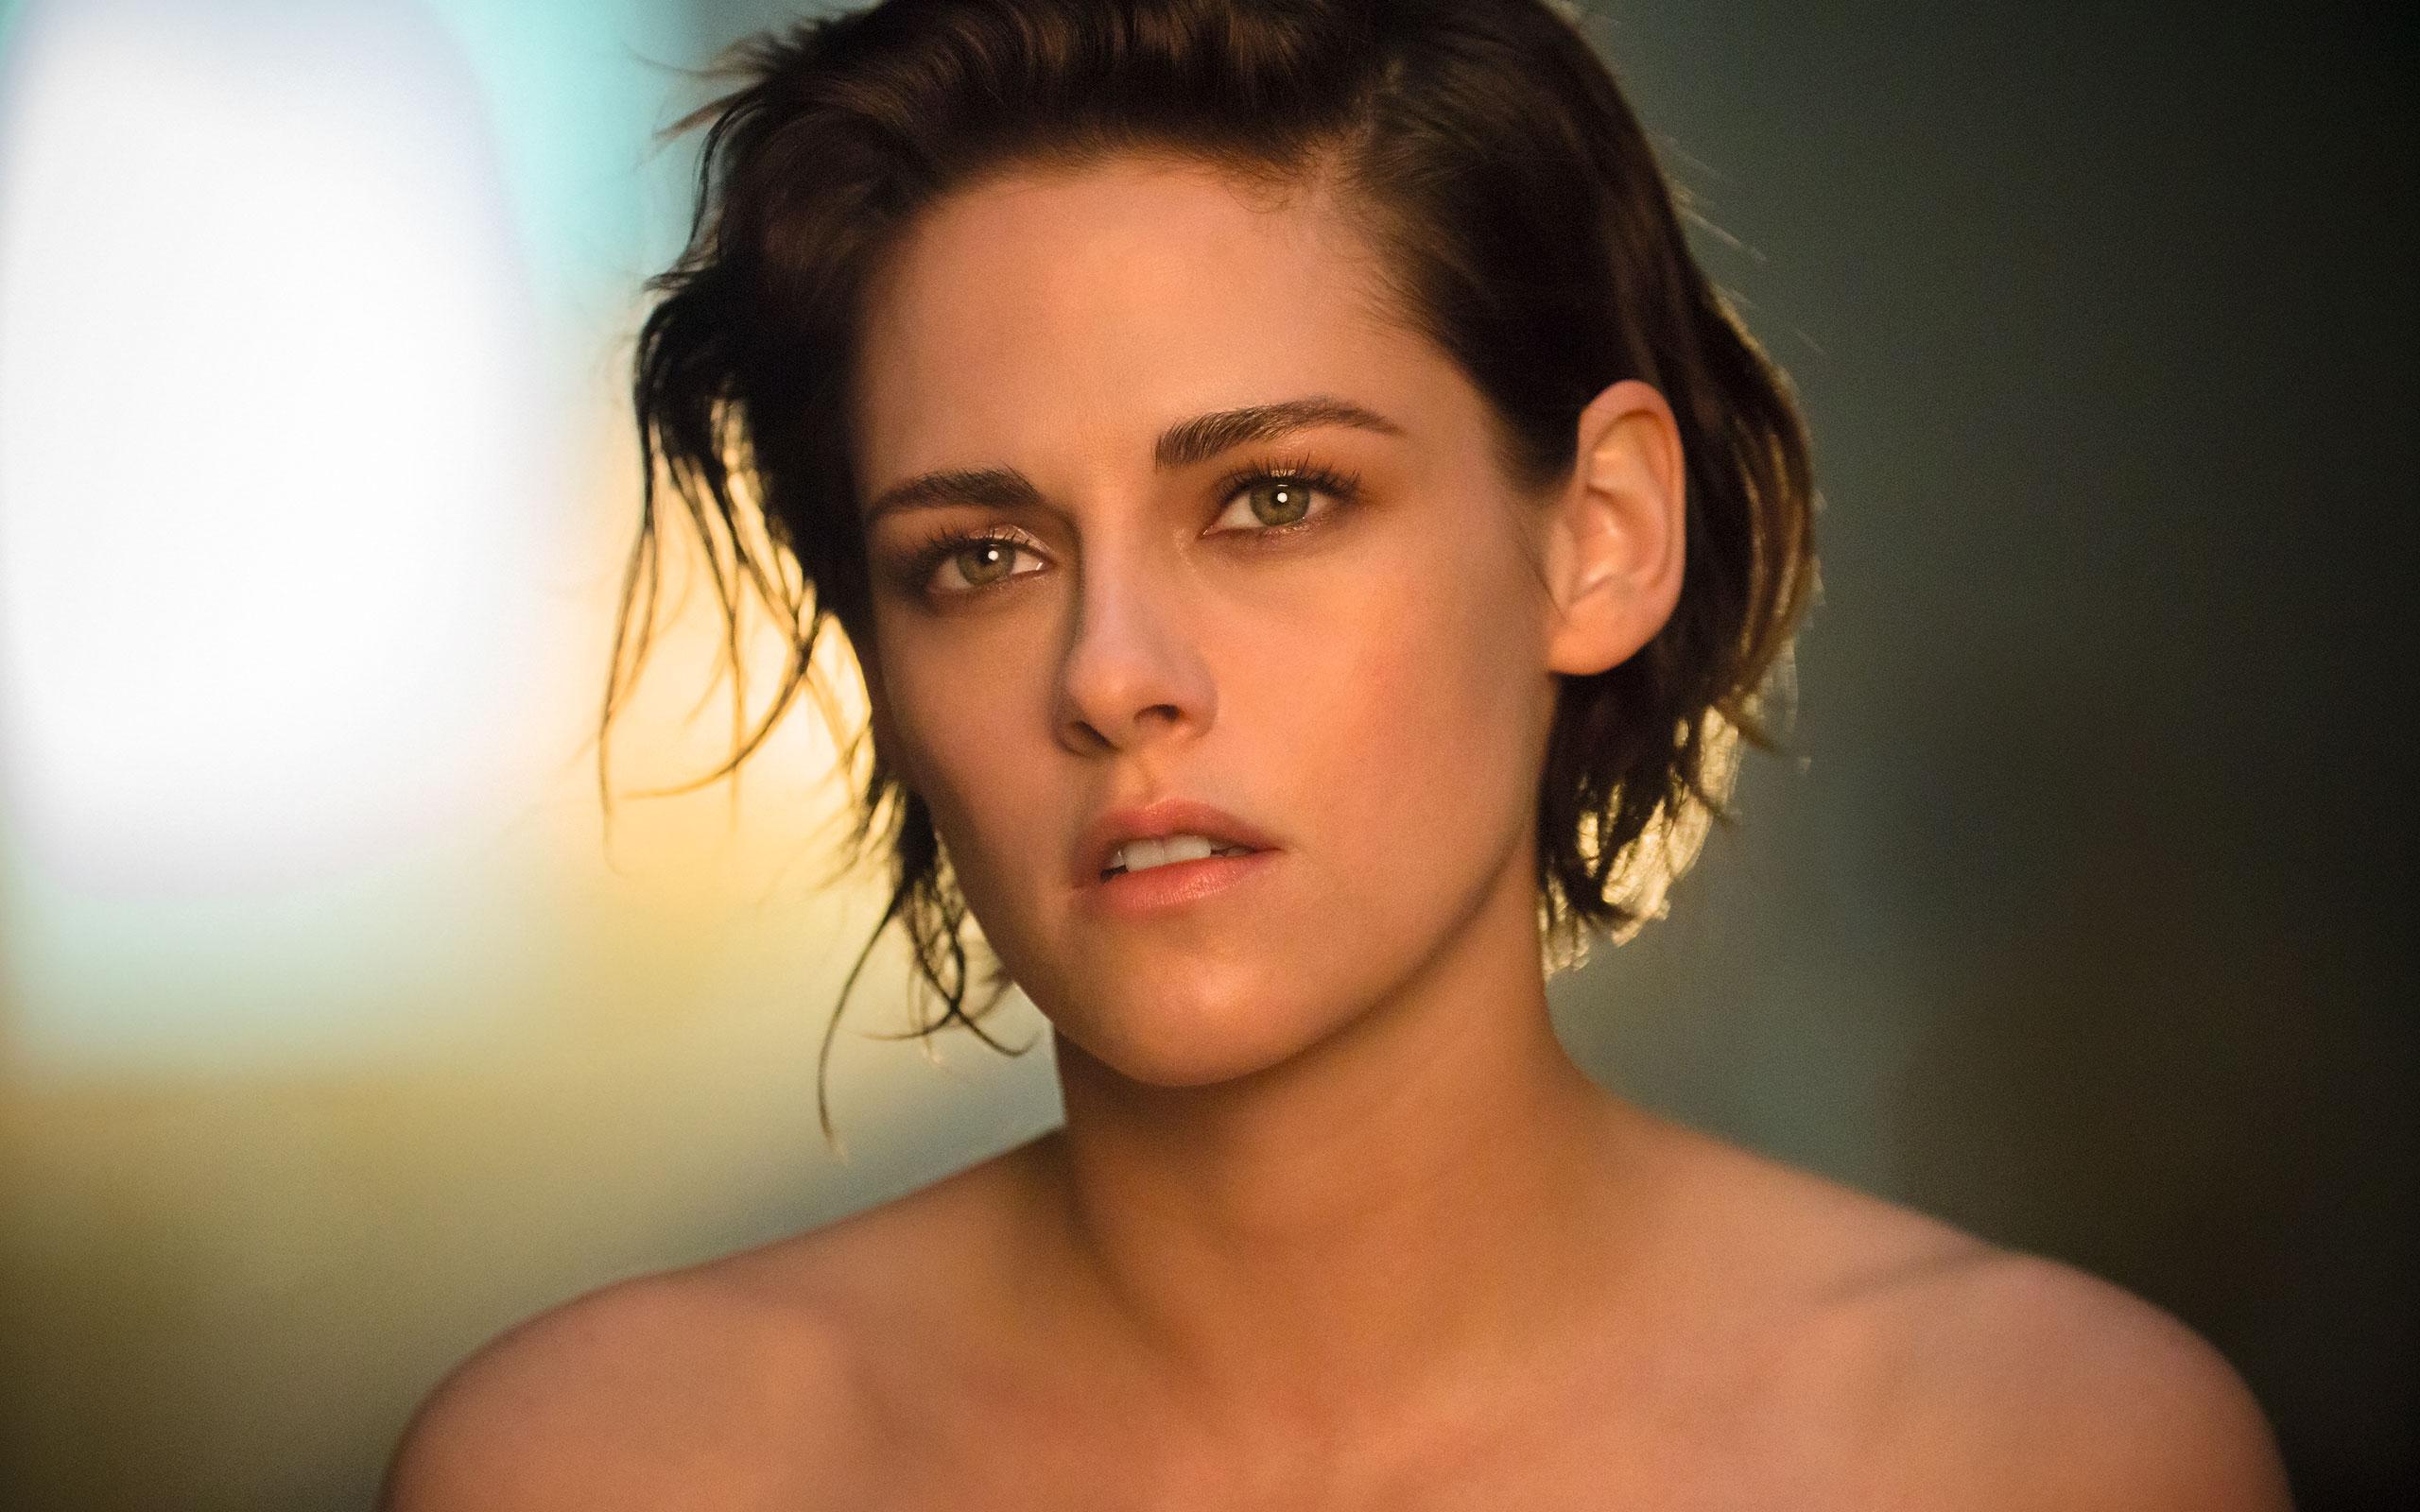 Full Film Starring Kristen Stewart For Chanel's New Fragrance 'Gabrielle Chanel'